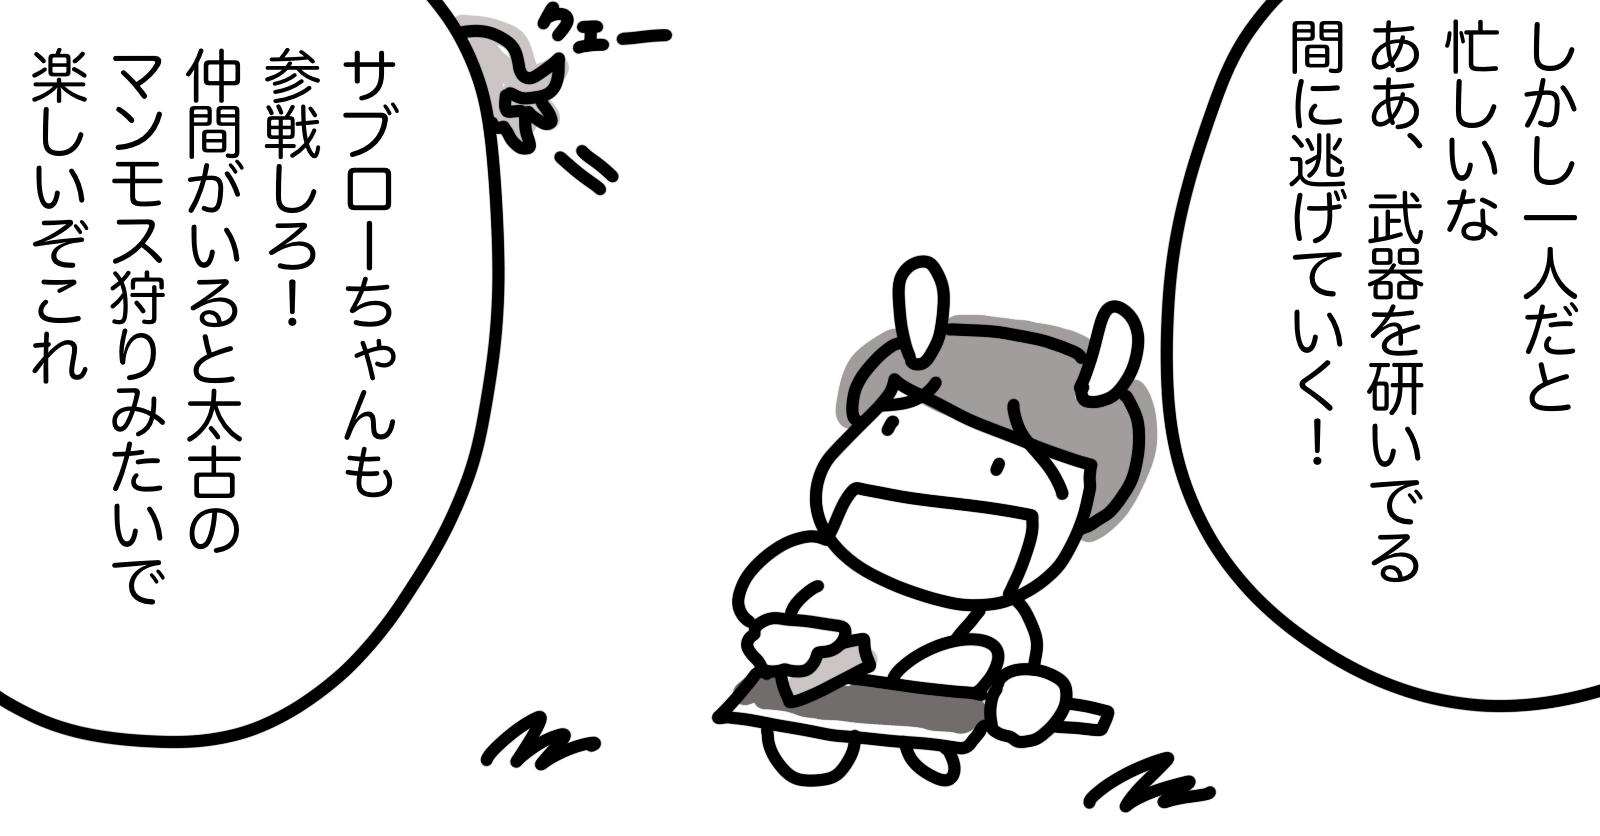 モンハンワールド漫画日記:今さらですが初体験3